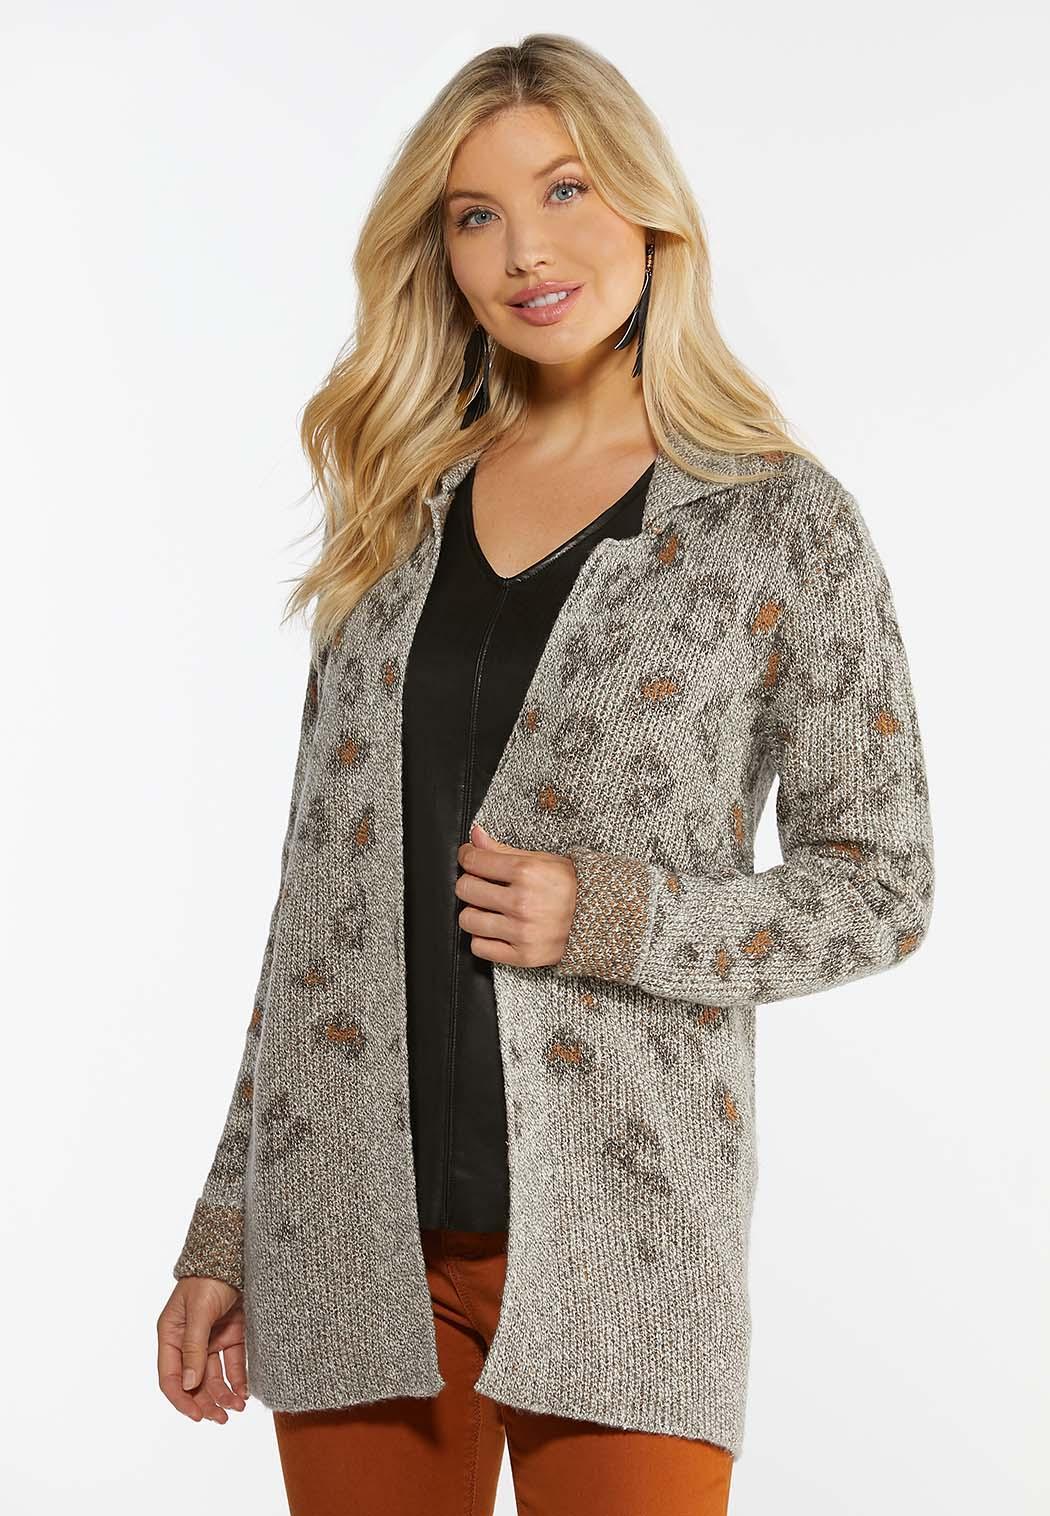 Plus Size Leopard Cardigan Sweater